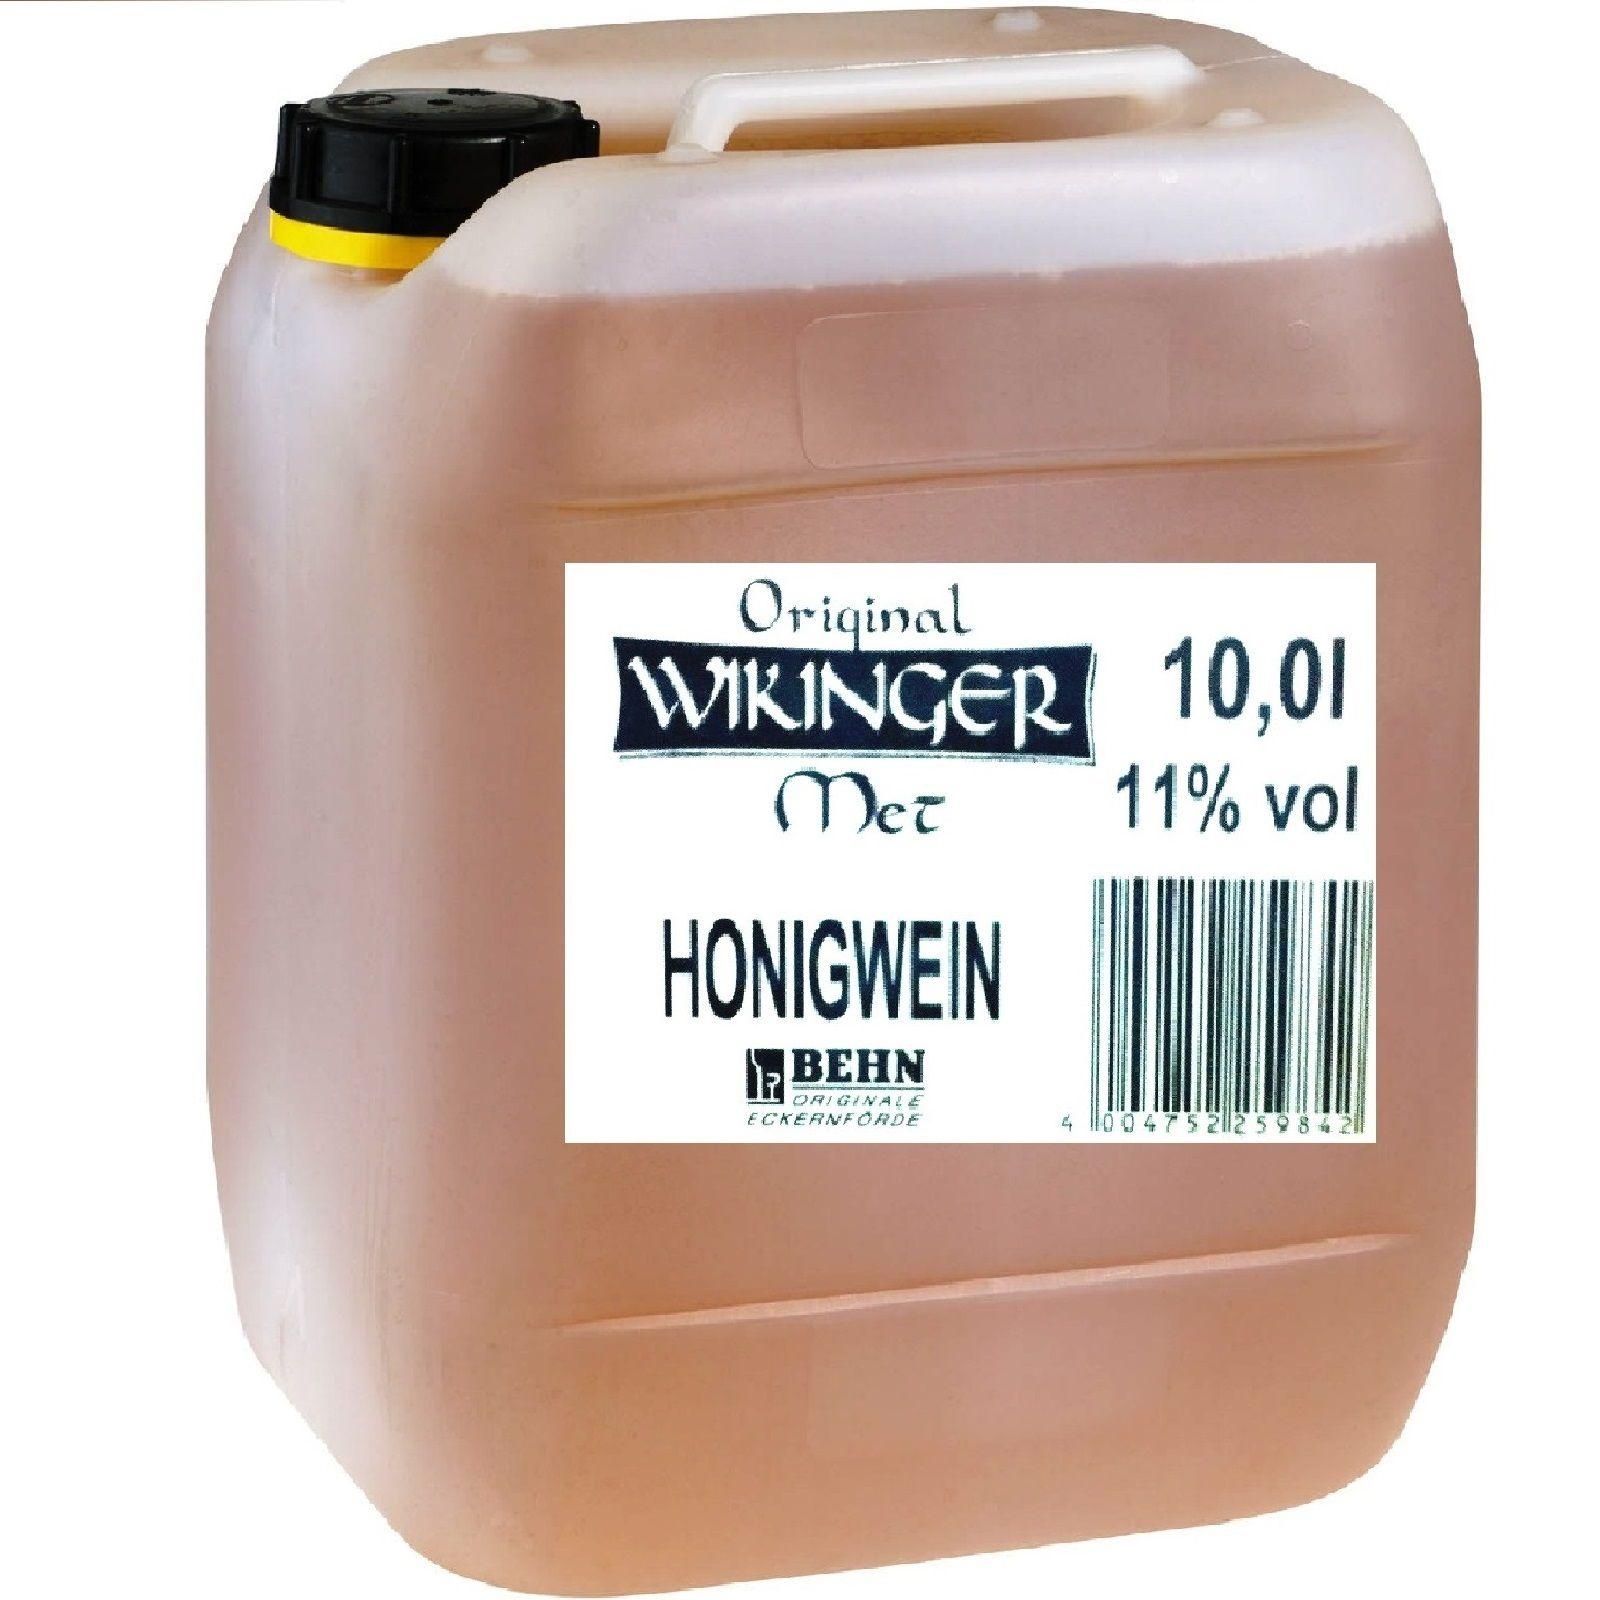 Original Wikinger Met Honigwein, das Get… | Glühwein